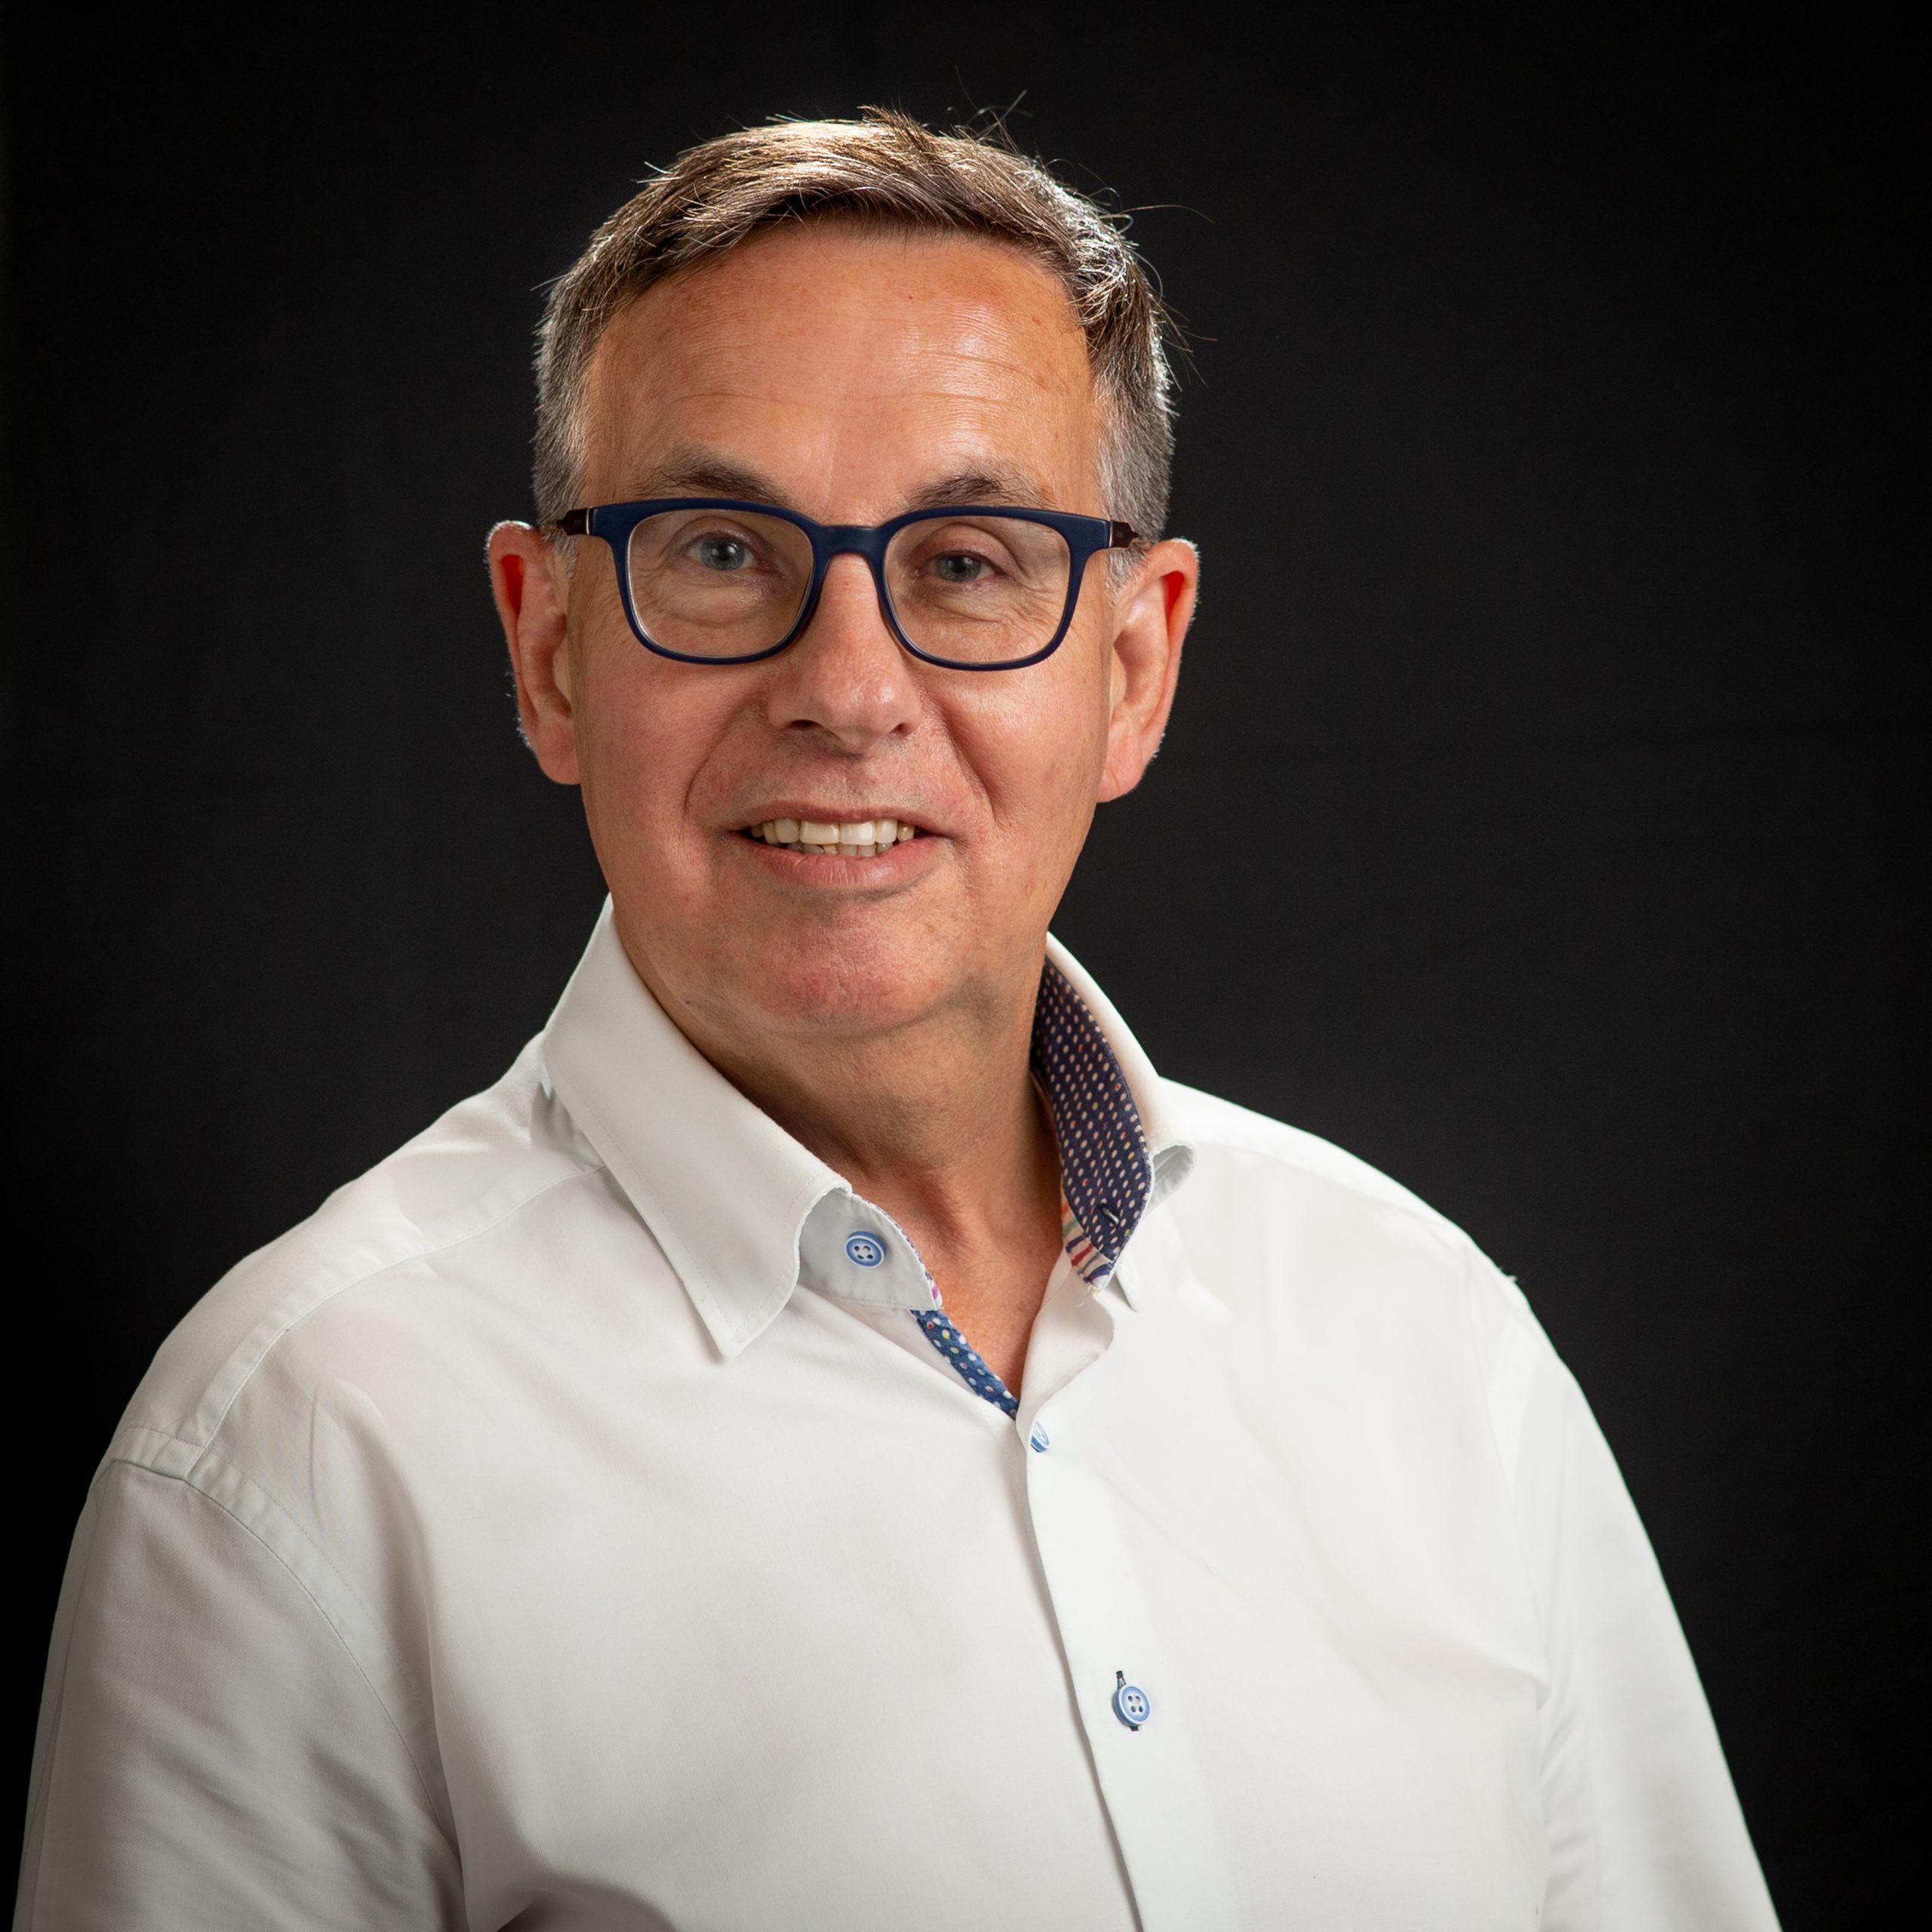 Ron van Houten